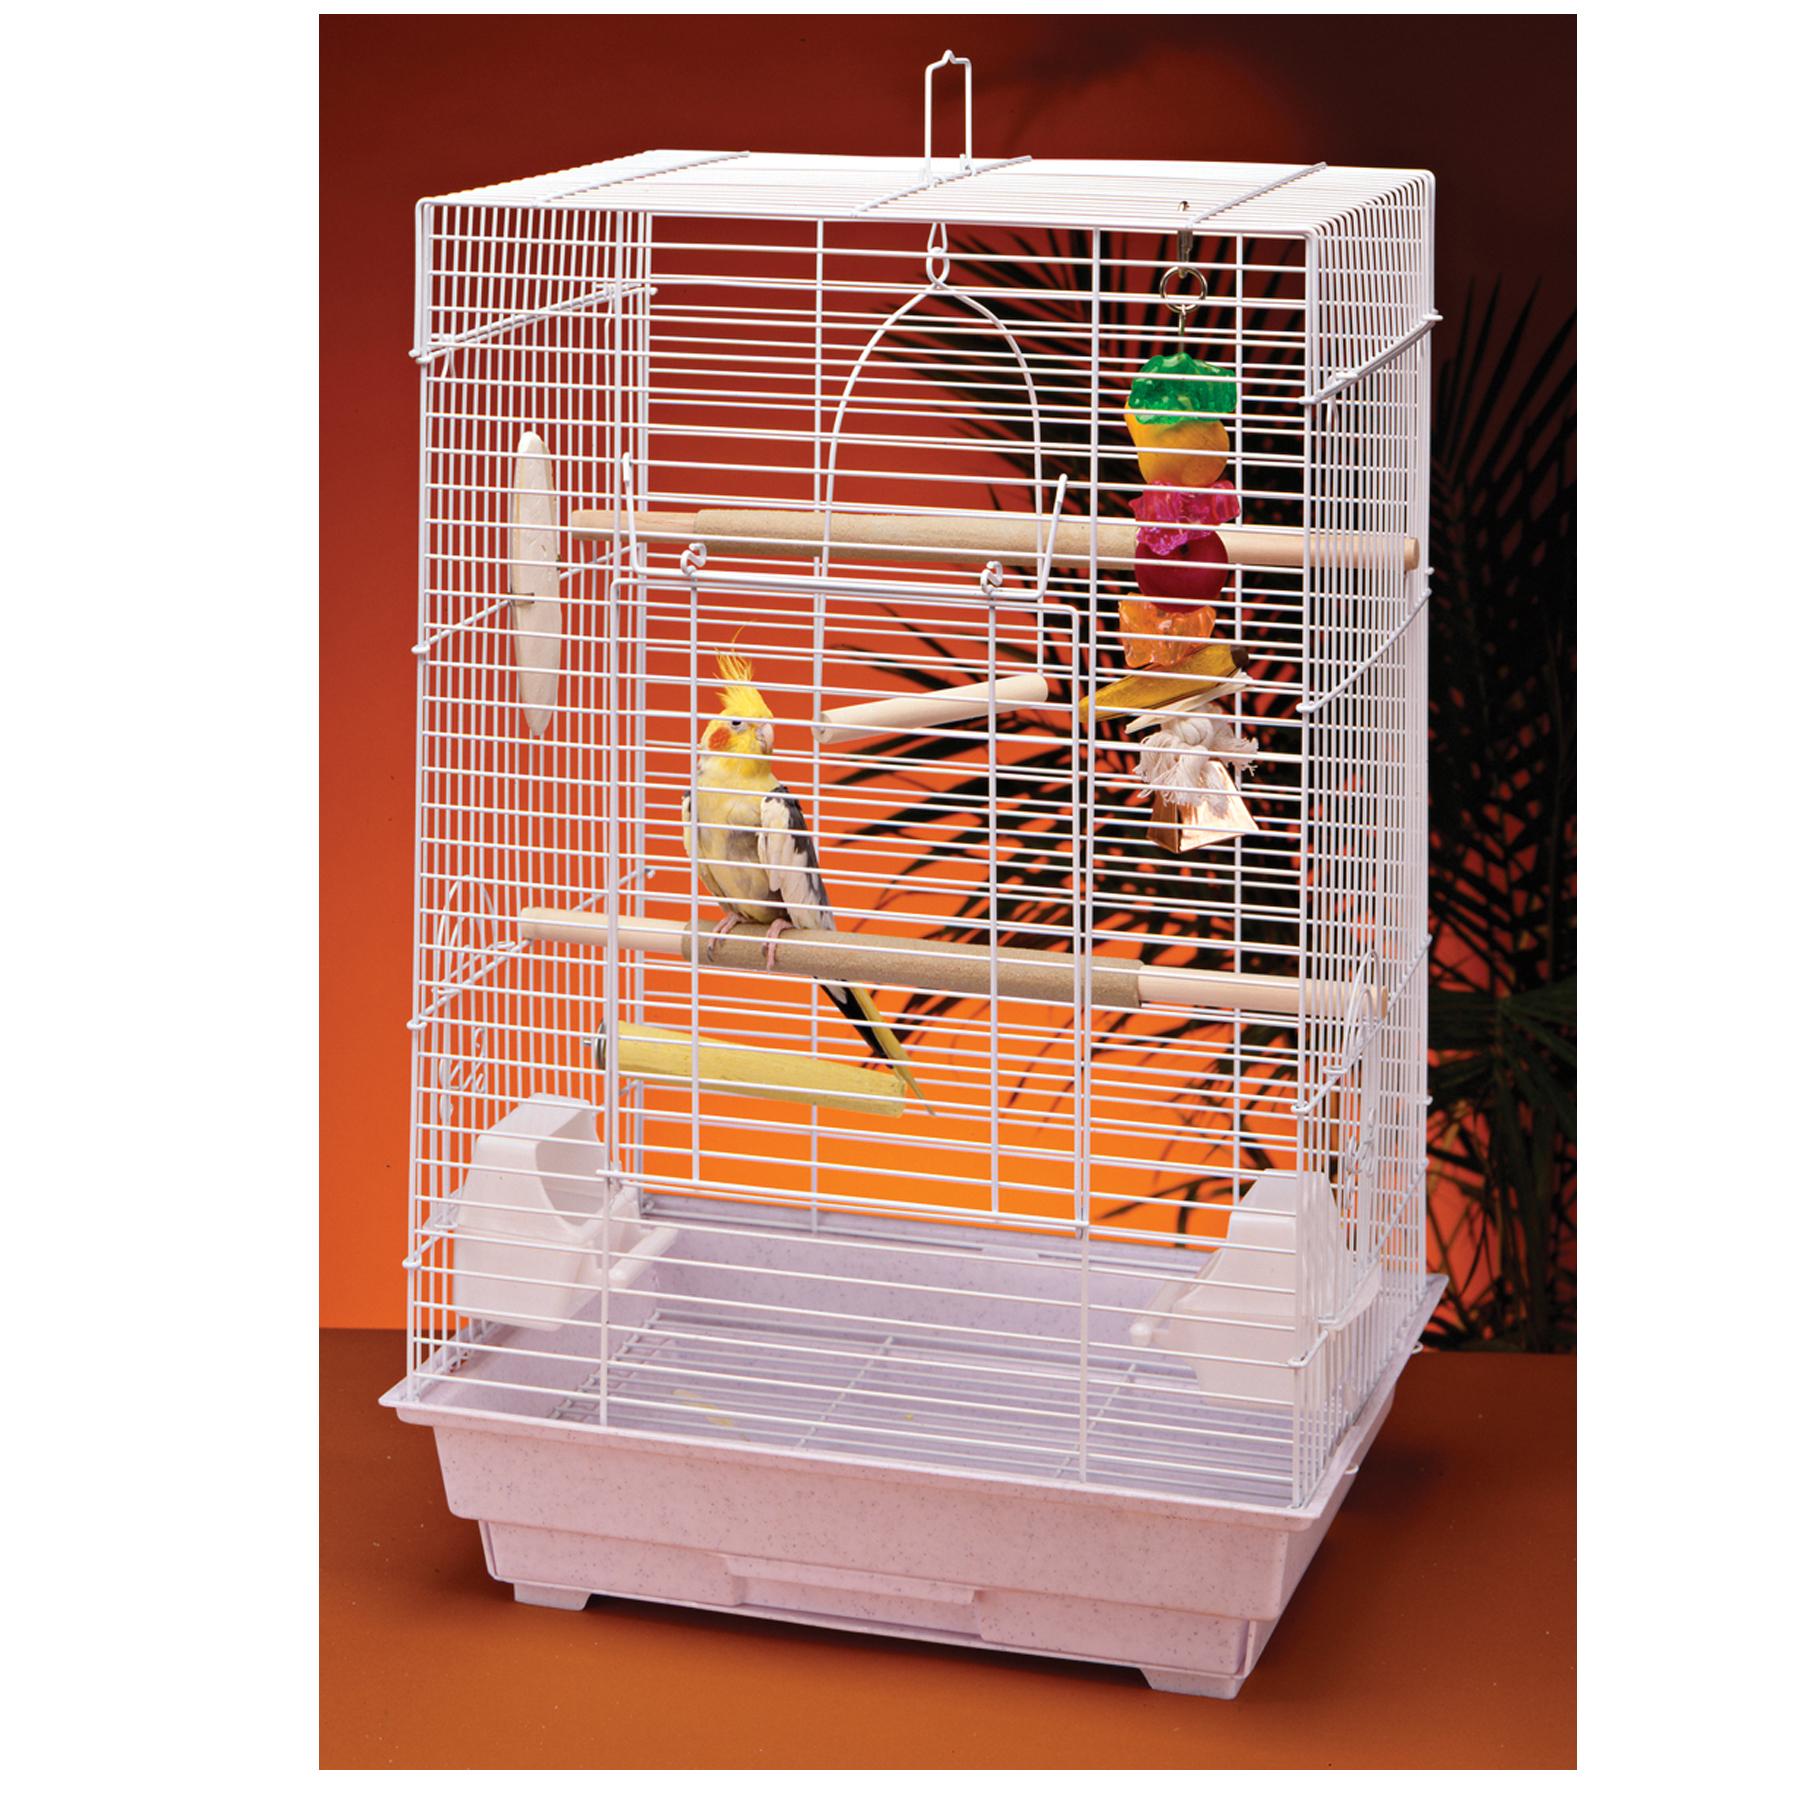 Bird Life Medium Bird Kit - White / Square PartNumber: 029V008174201000P KsnValue: 8174201 MfgPartNumber: BCK4